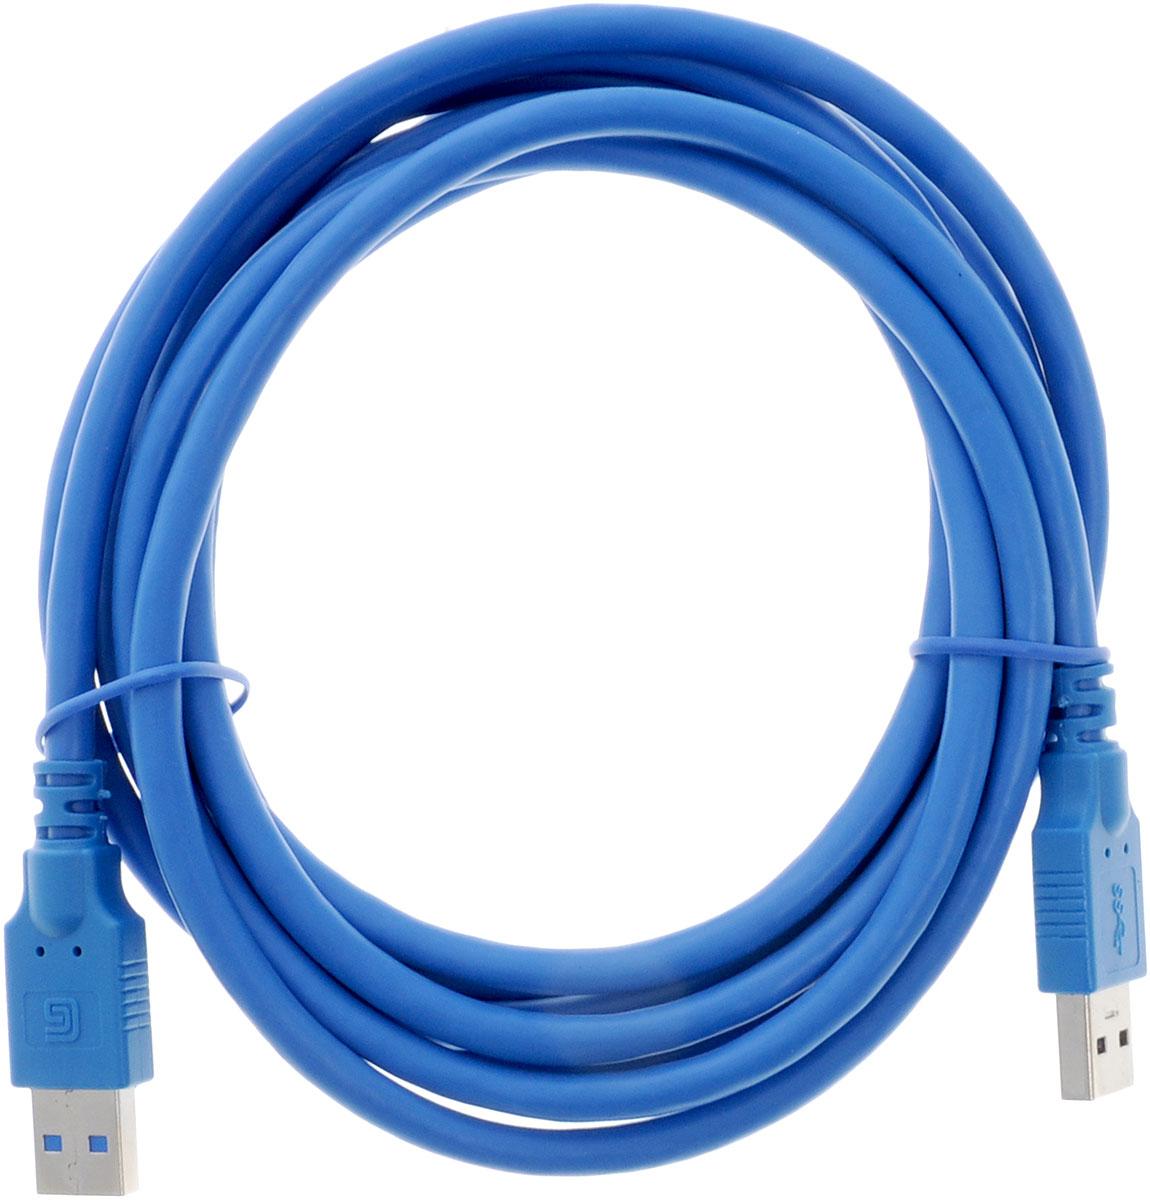 Greenconnect Premium GC-U3A01, Blue кабель USB 3 мGC-U3A01-3mКабель Greenconnect Premium GC-U3A01 используется для соединения ПК или ноутбука с периферийными устройствами: HD-DVD, принтер, внешний жесткий диск, Blu-ray и другими. Кабель имеет двойное экранирование (сочетание фольгированной и общей оплетки), что позволяет защитить сигнал при передаче от влияния внешних полей, способных создать помехи. Скорость передачи данных: до 5 Гбит Тип оболочки: PVC (ПВХ)Совместимость: USB 3.0/2.0/1.1